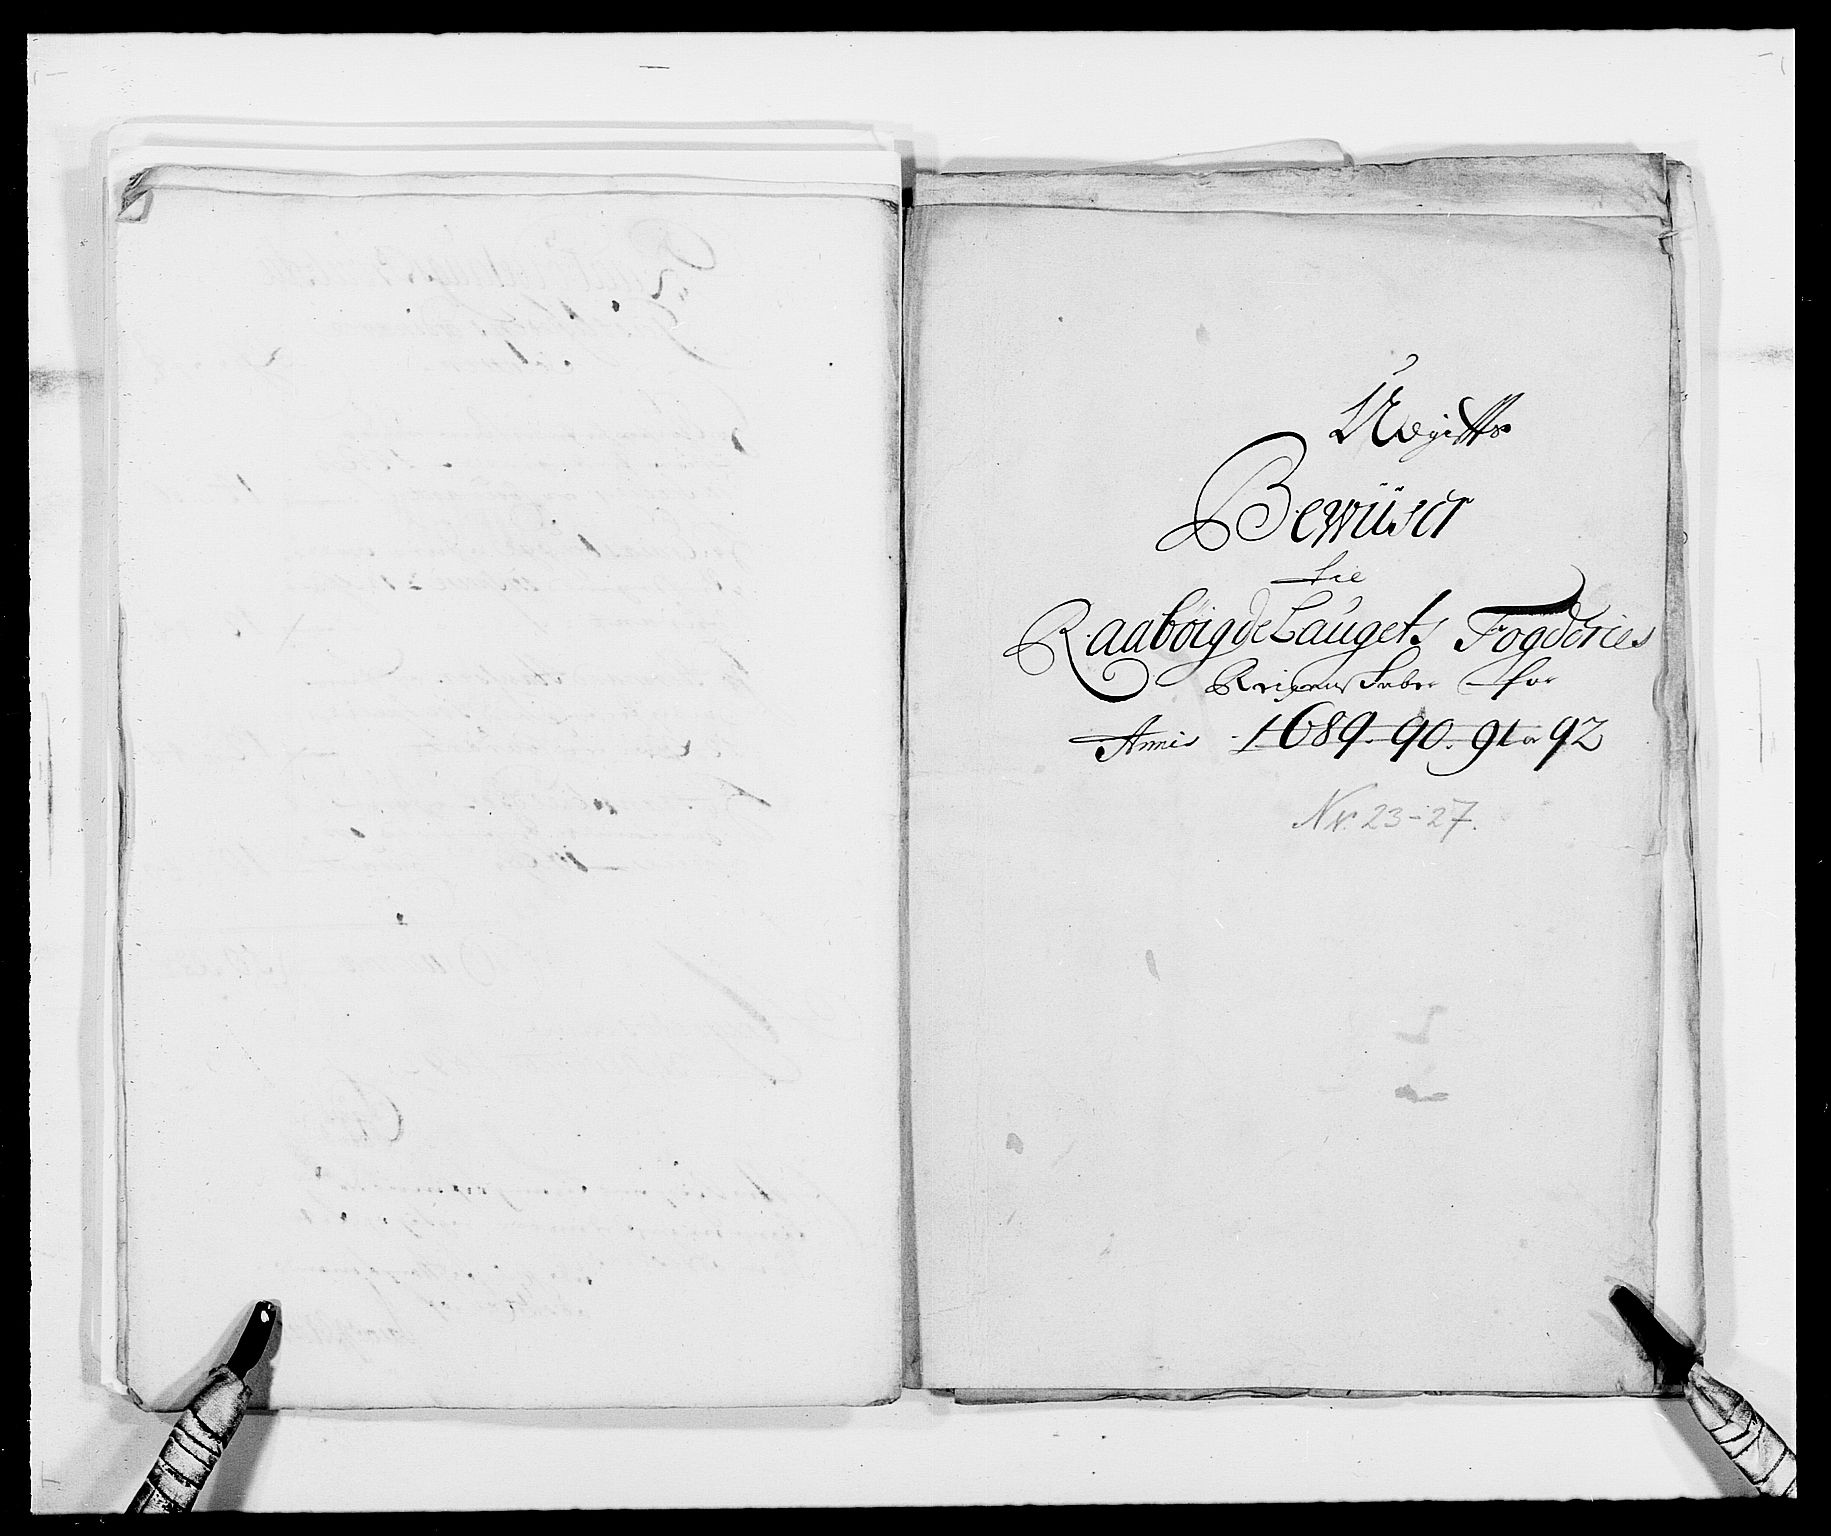 RA, Rentekammeret inntil 1814, Reviderte regnskaper, Fogderegnskap, R40/L2443: Fogderegnskap Råbyggelag, 1691-1692, s. 161